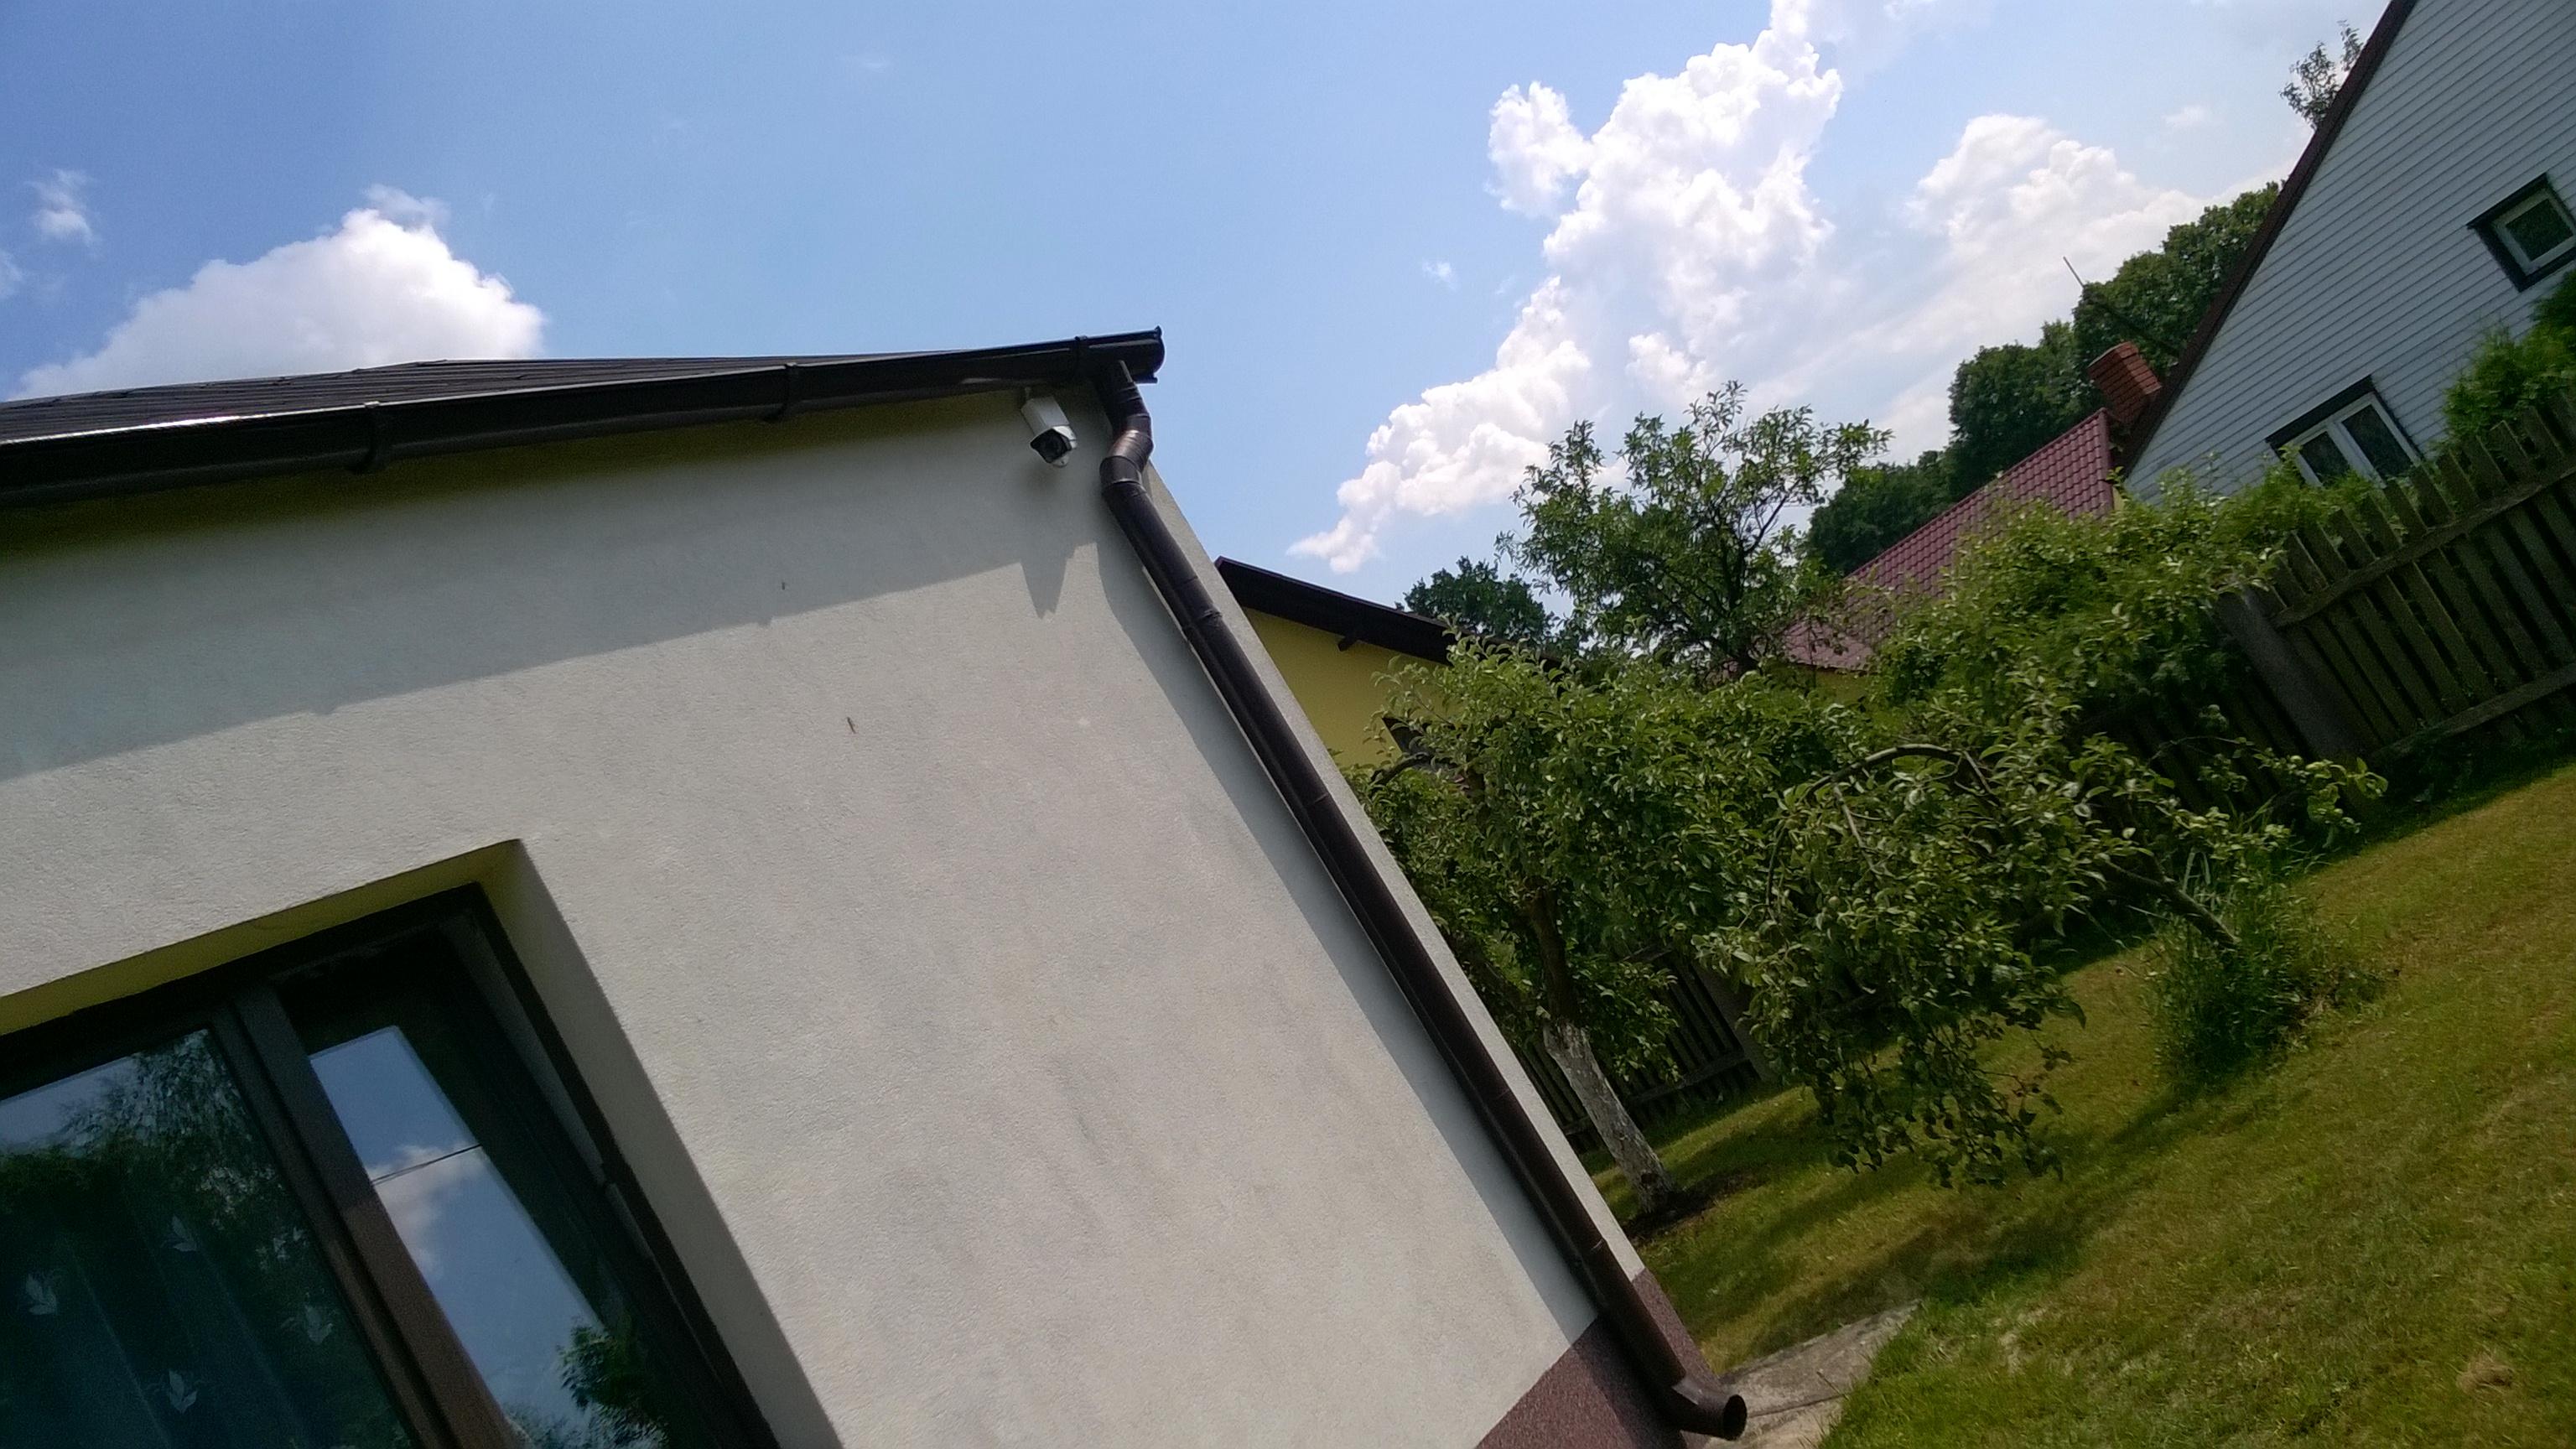 monitoring stalowa wola mielec rzeszów janów lubelski kraśnik leżajsk (1)Instalacja monitoringu FULL HD HDTVI Hikvision 4 Kamery 1080 FULL HD Dom jednorodzinny Okolice Niska